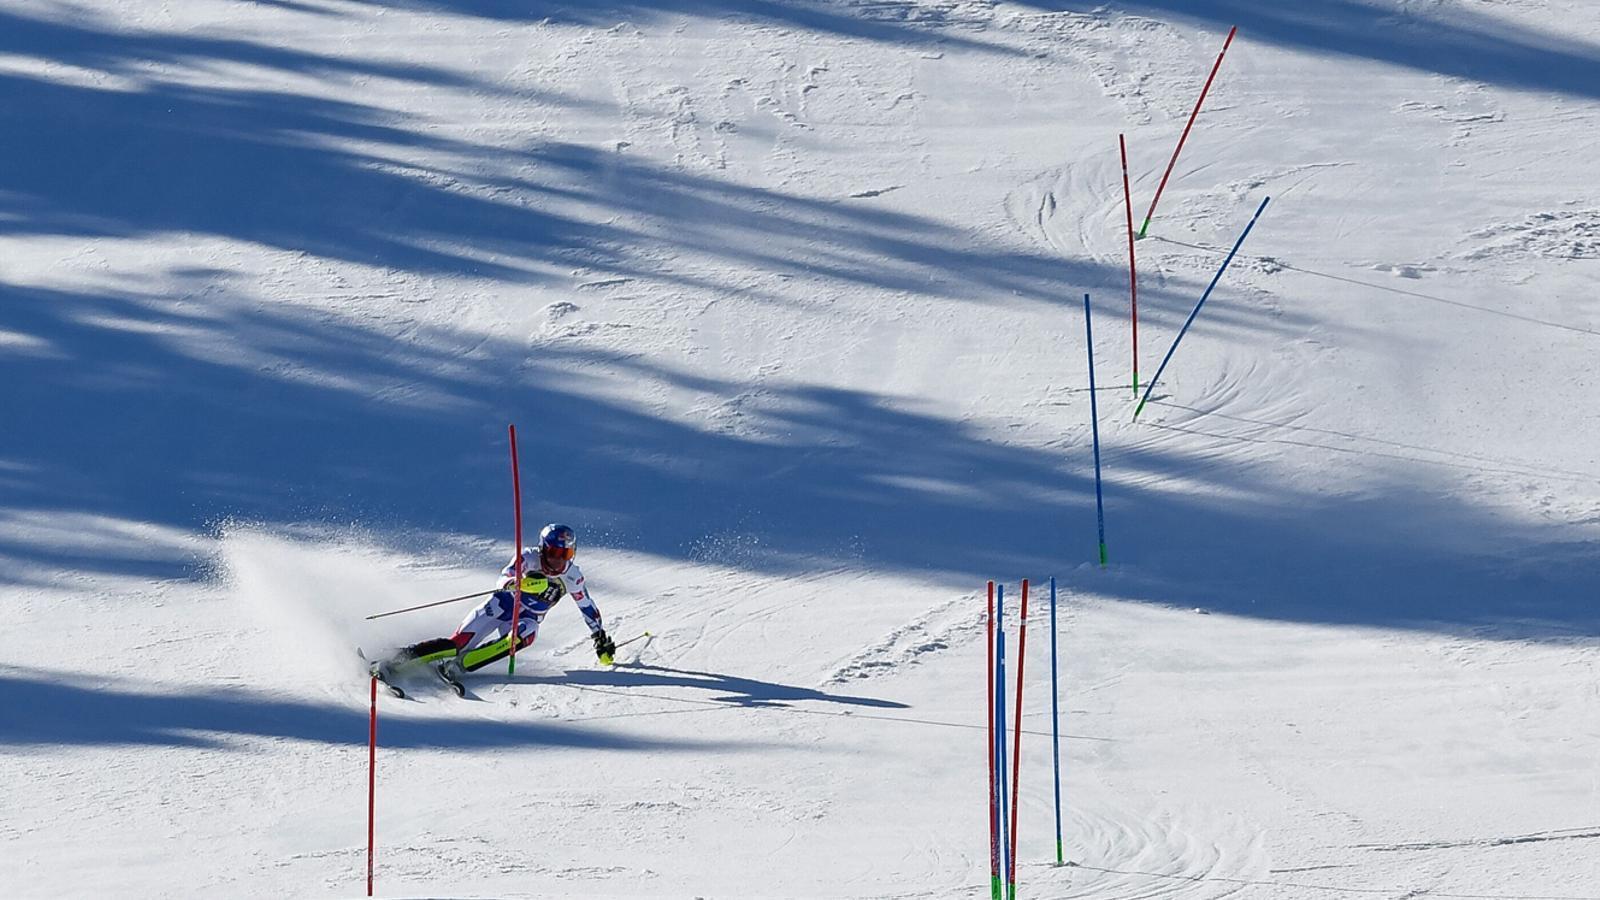 Un dels competidors de la Copa del Món d'esquí alpí. / GRANDVALIRA